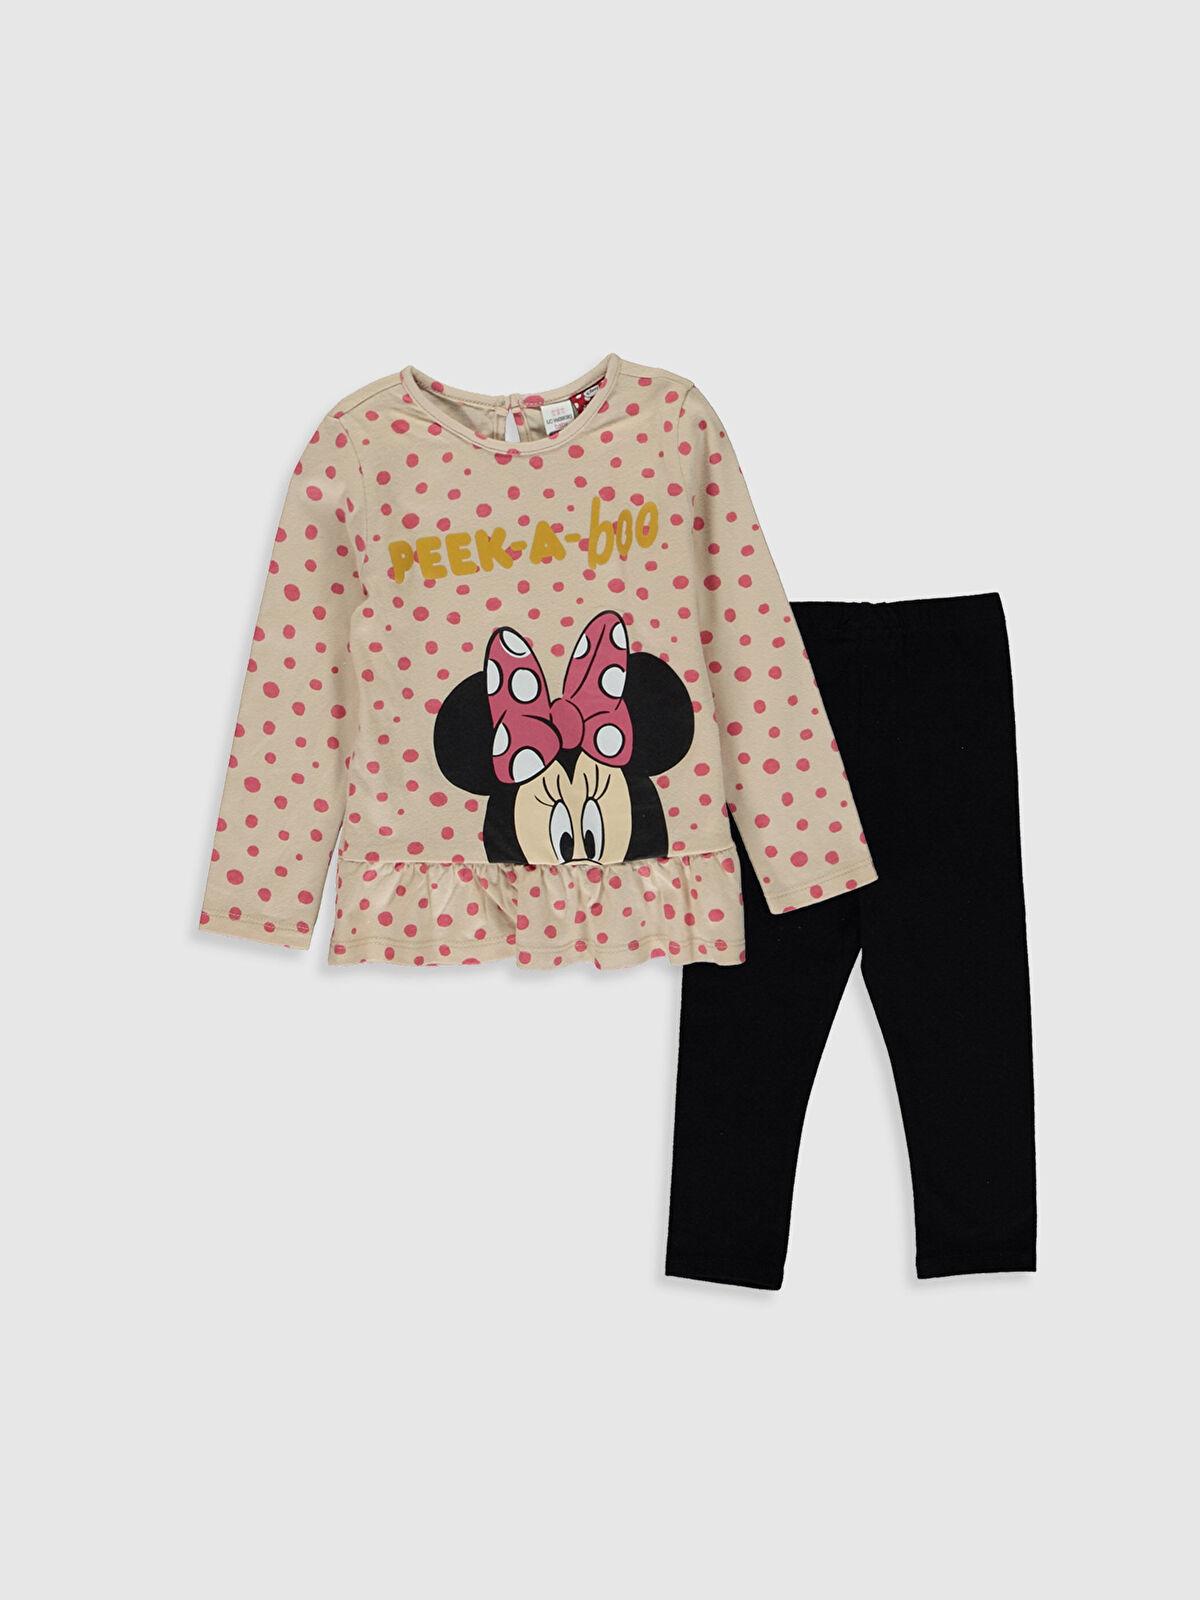 Kız Bebek Minnie Mouse Baskılı Sweatshirt ve Pantolon - LC WAIKIKI